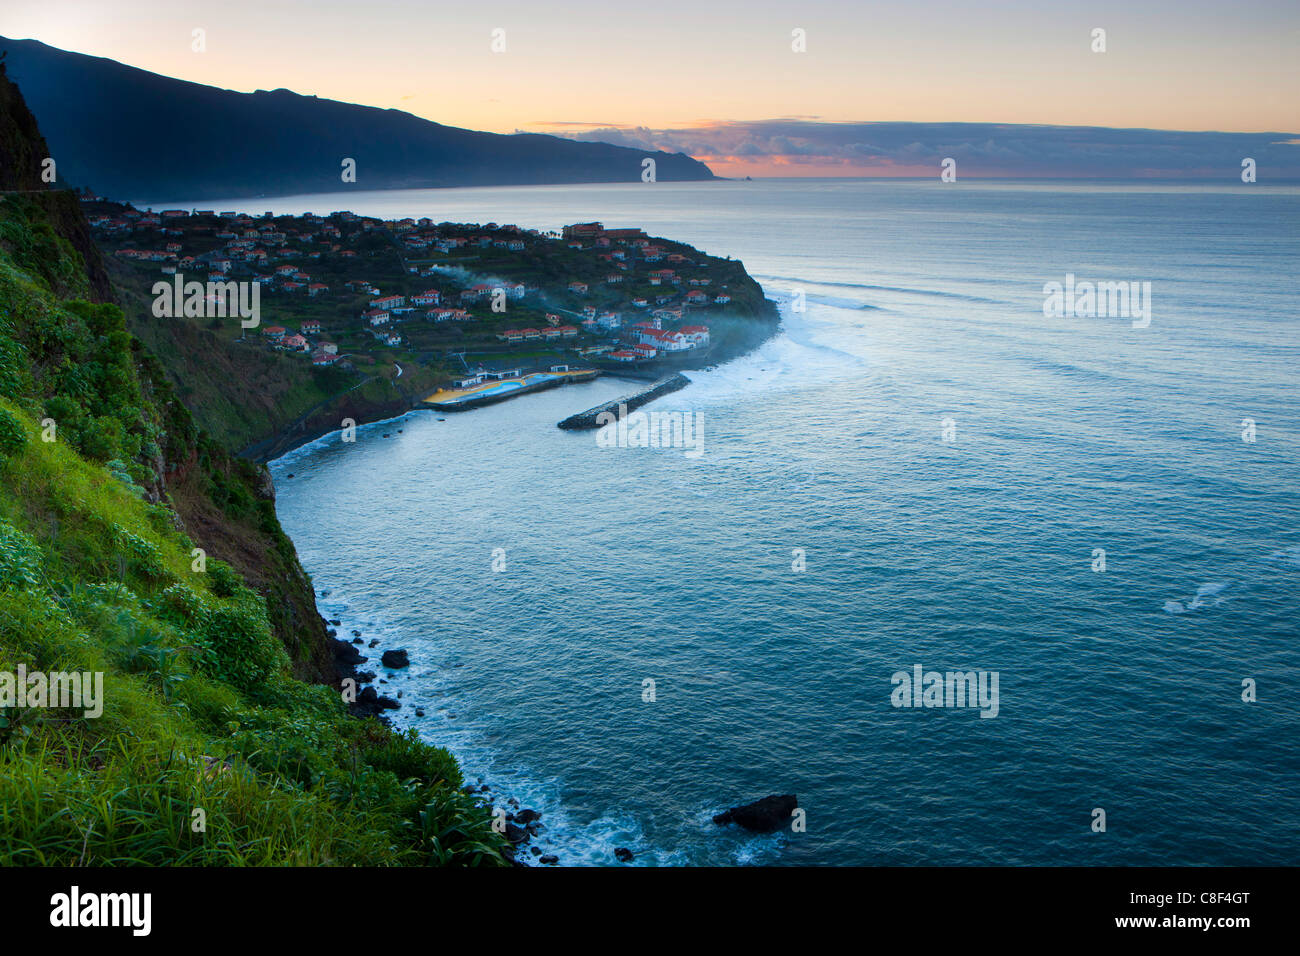 Ponta Delgada, Portugal, Europe, Madère, ville, ville, côte, mer, océan Atlantique, crépuscule, Photo Stock